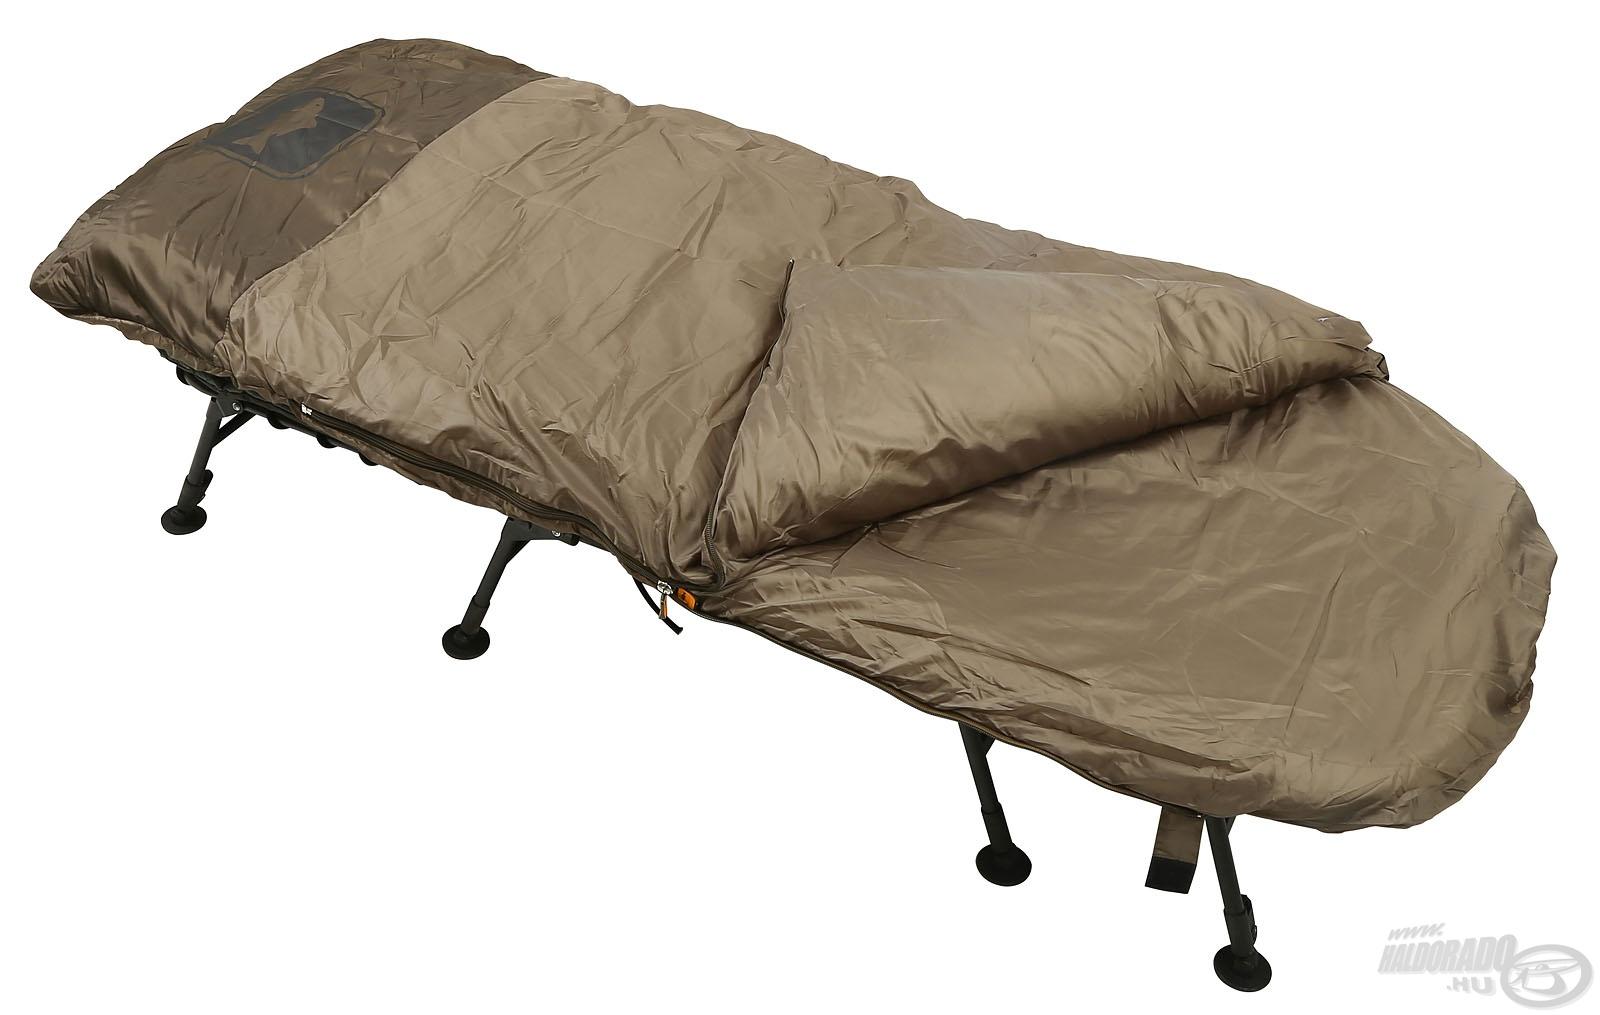 A leghidegebb téli napok kivételével bármikor jól használható külső takarójának köszönhetően